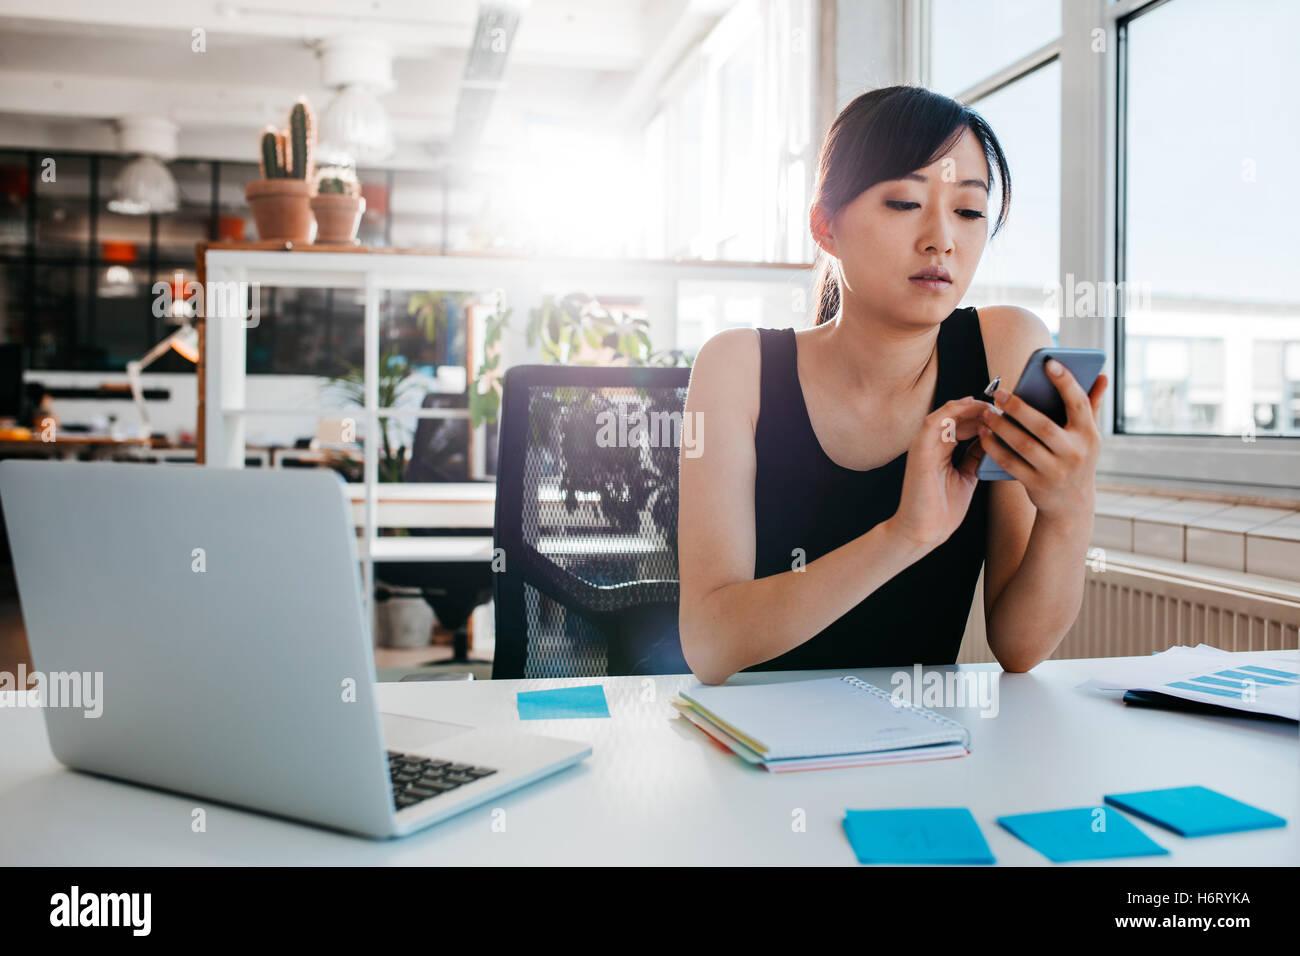 Retrato de joven mujer asiática sentada en su escritorio con ordenador portátil y notas adhesivas a través Imagen De Stock